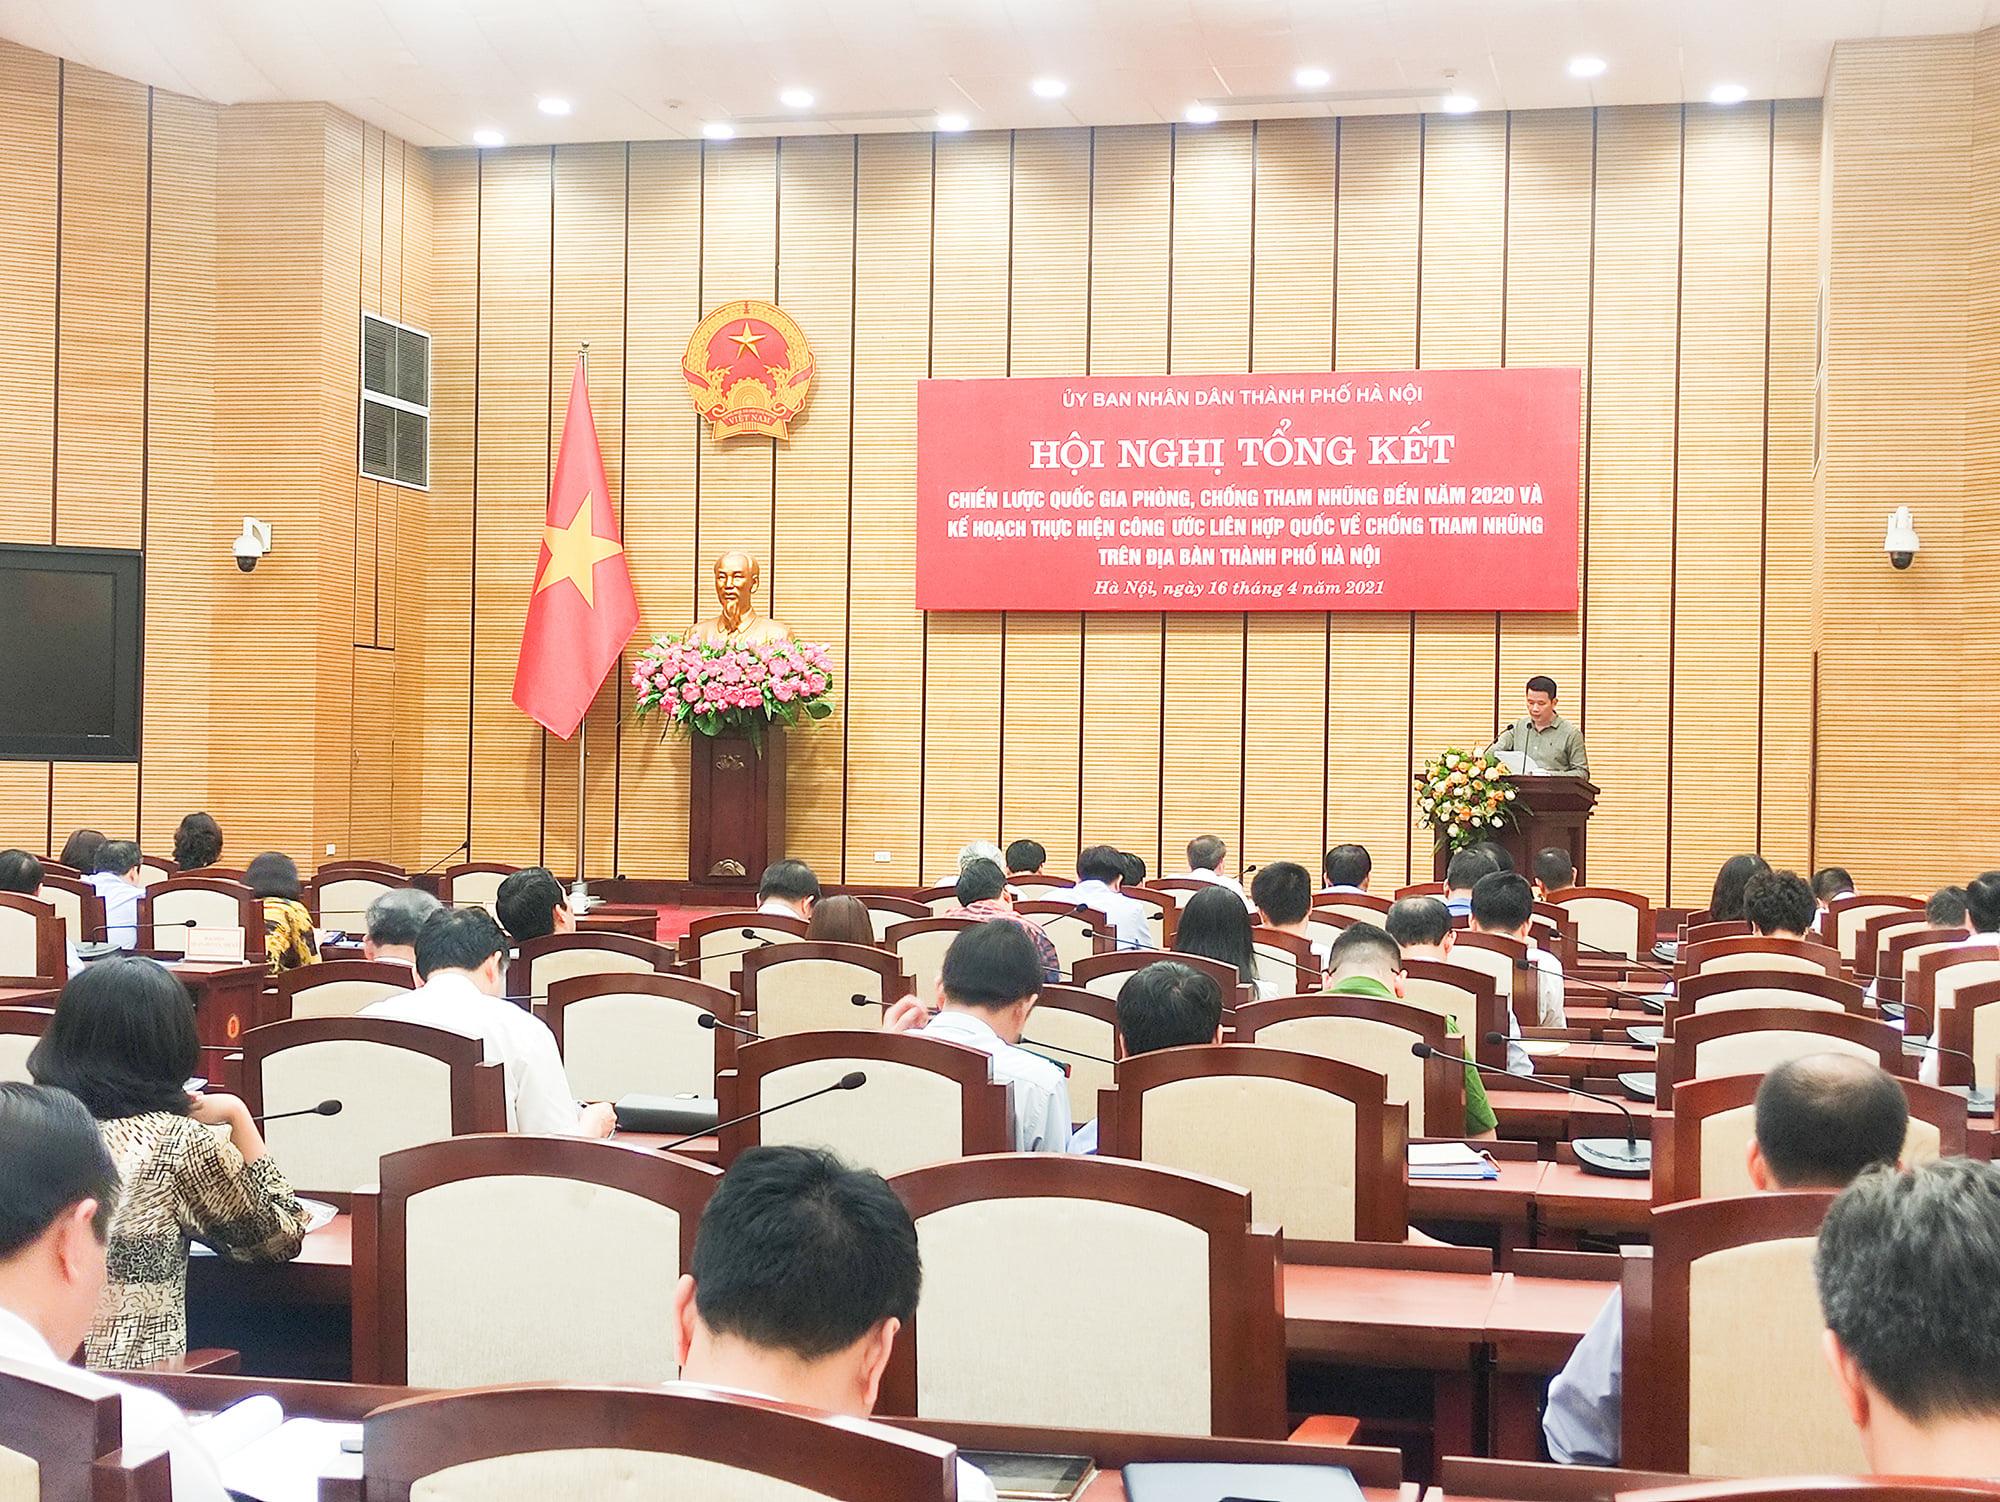 """Phòng, chống tham nhũng: Hà Nội xây dựng cán bộ liêm chính, xóa bỏ tình trạng """"xin - cho"""" - Ảnh 3."""